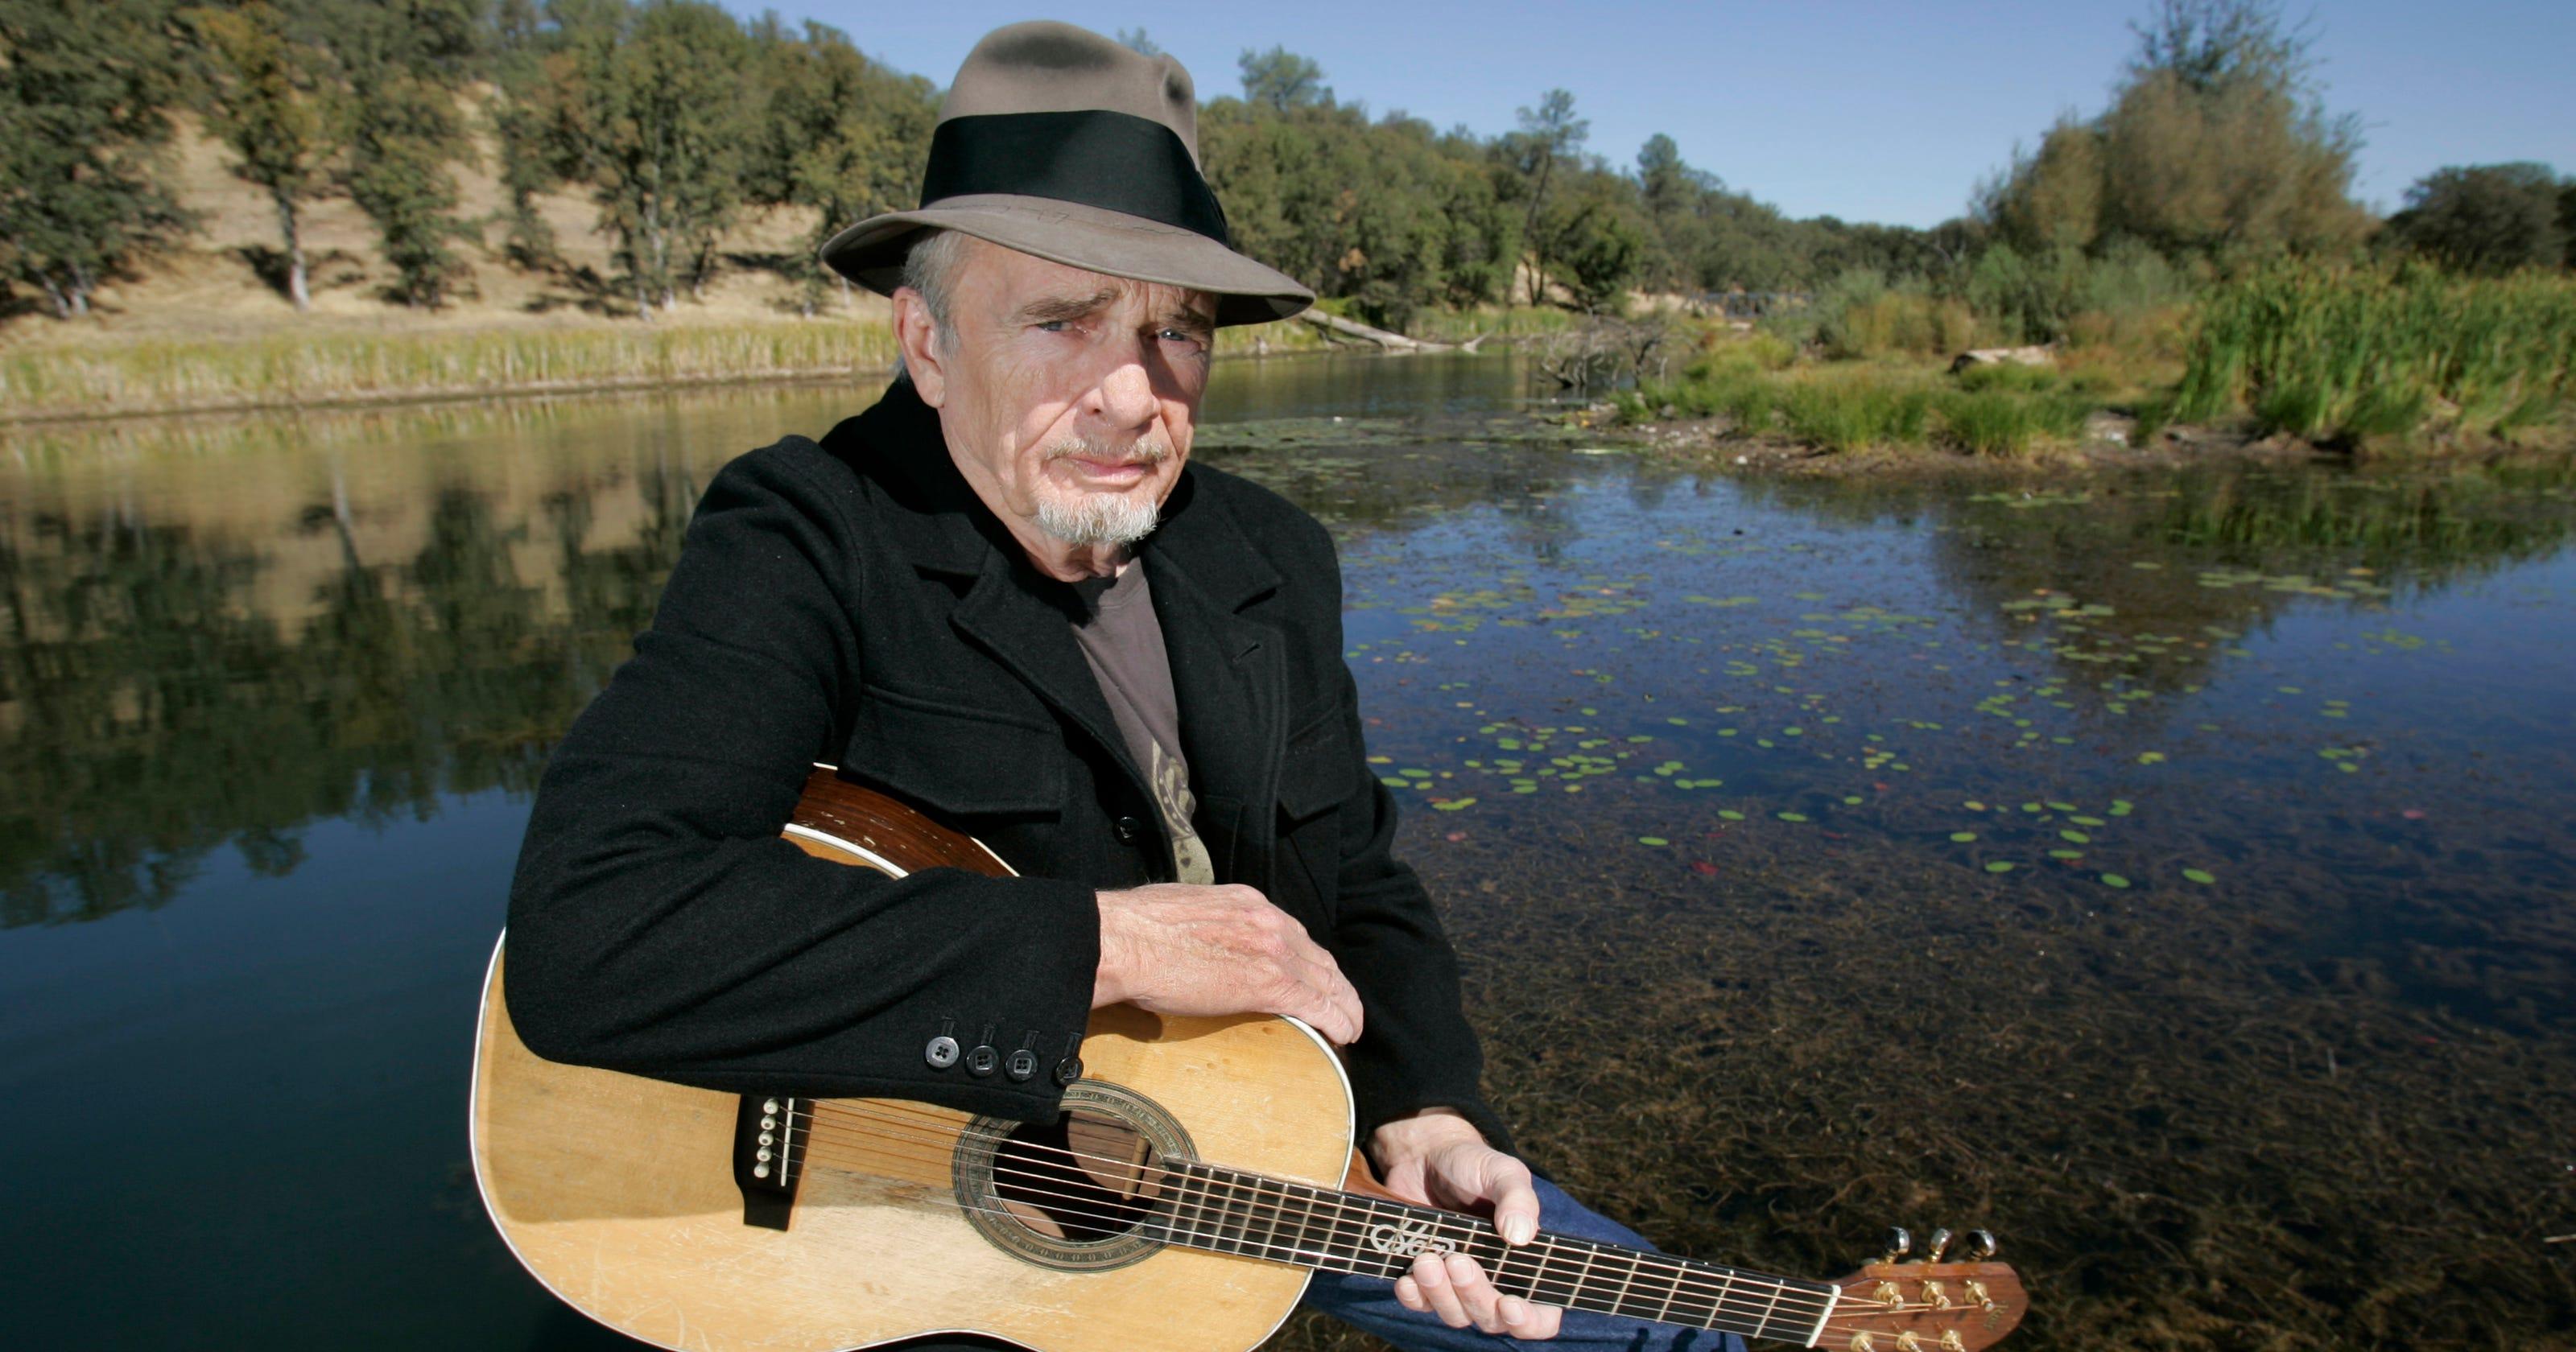 Country Music Legend Merle Haggard Dies